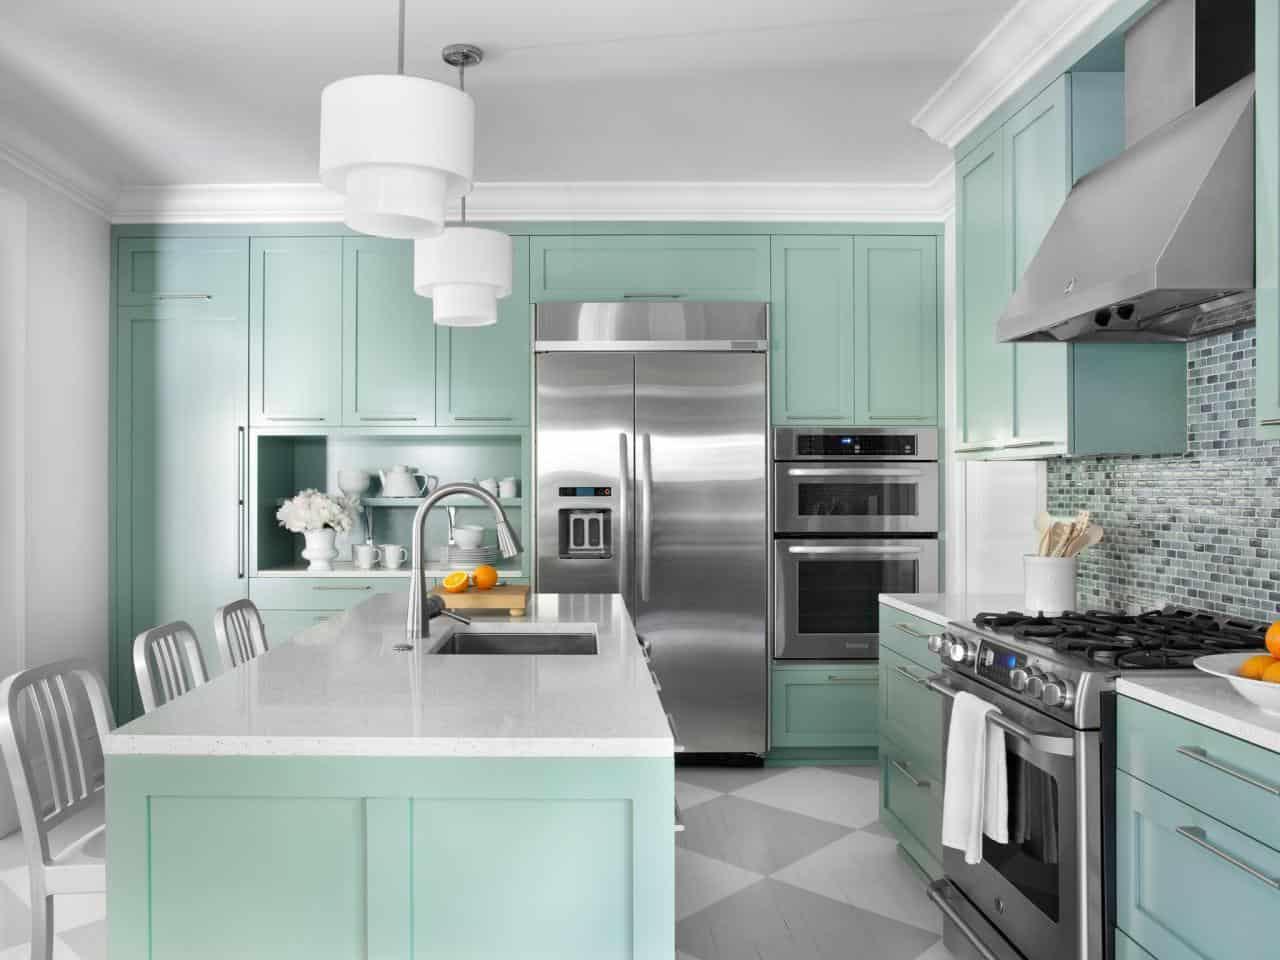 Seafoam Kitchen Cabinets